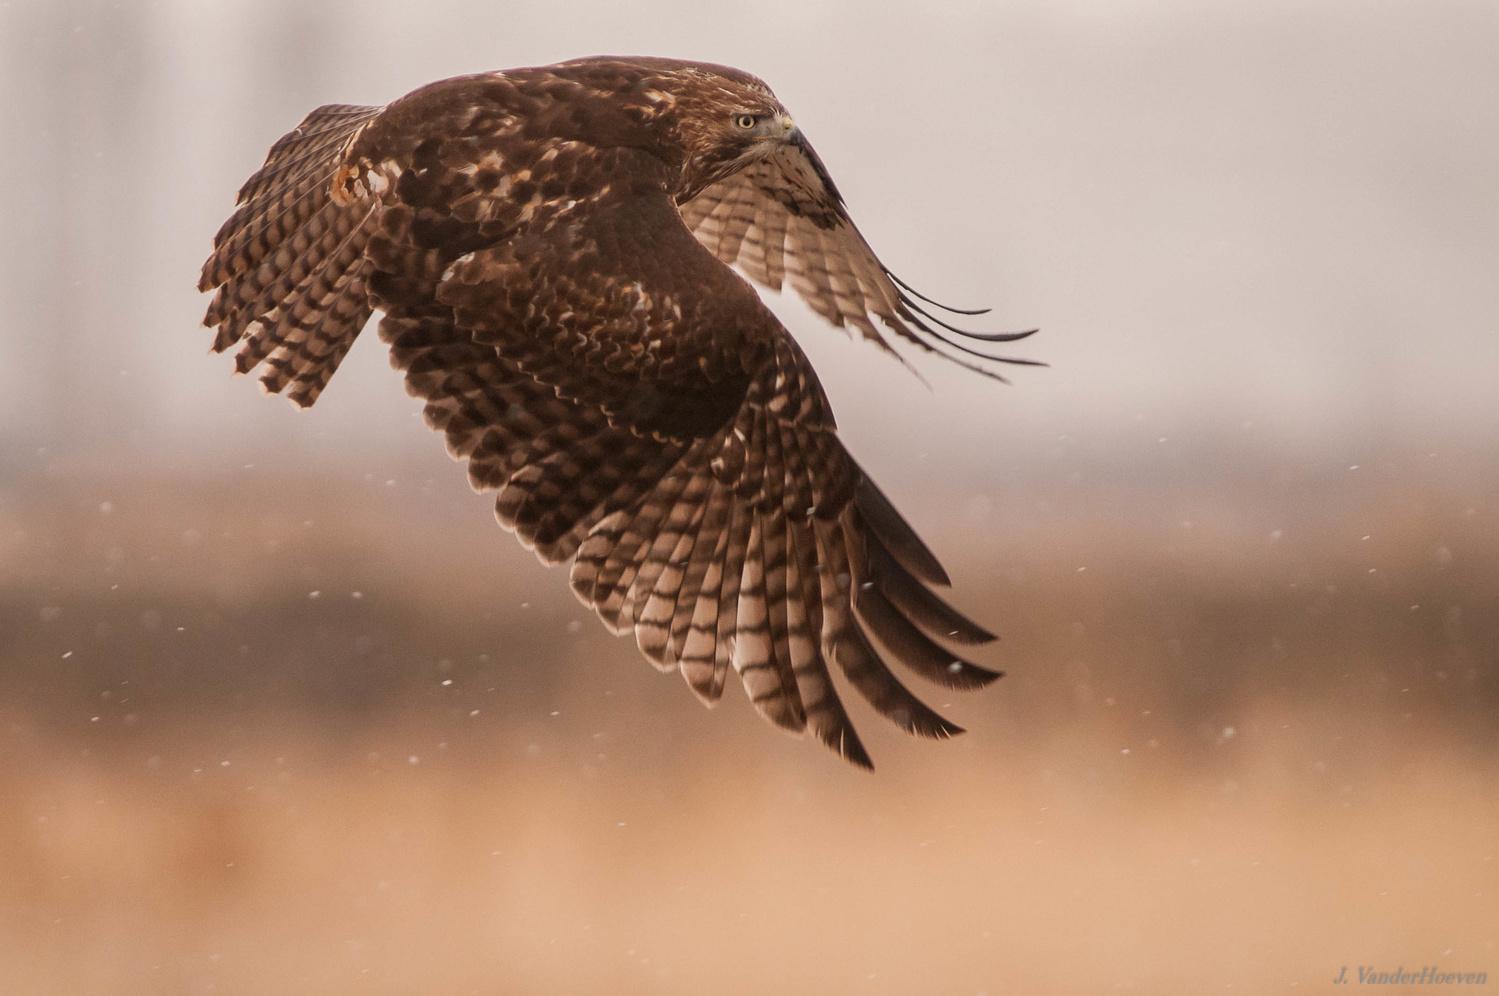 Flurries Flight by Jake VanderHoeven